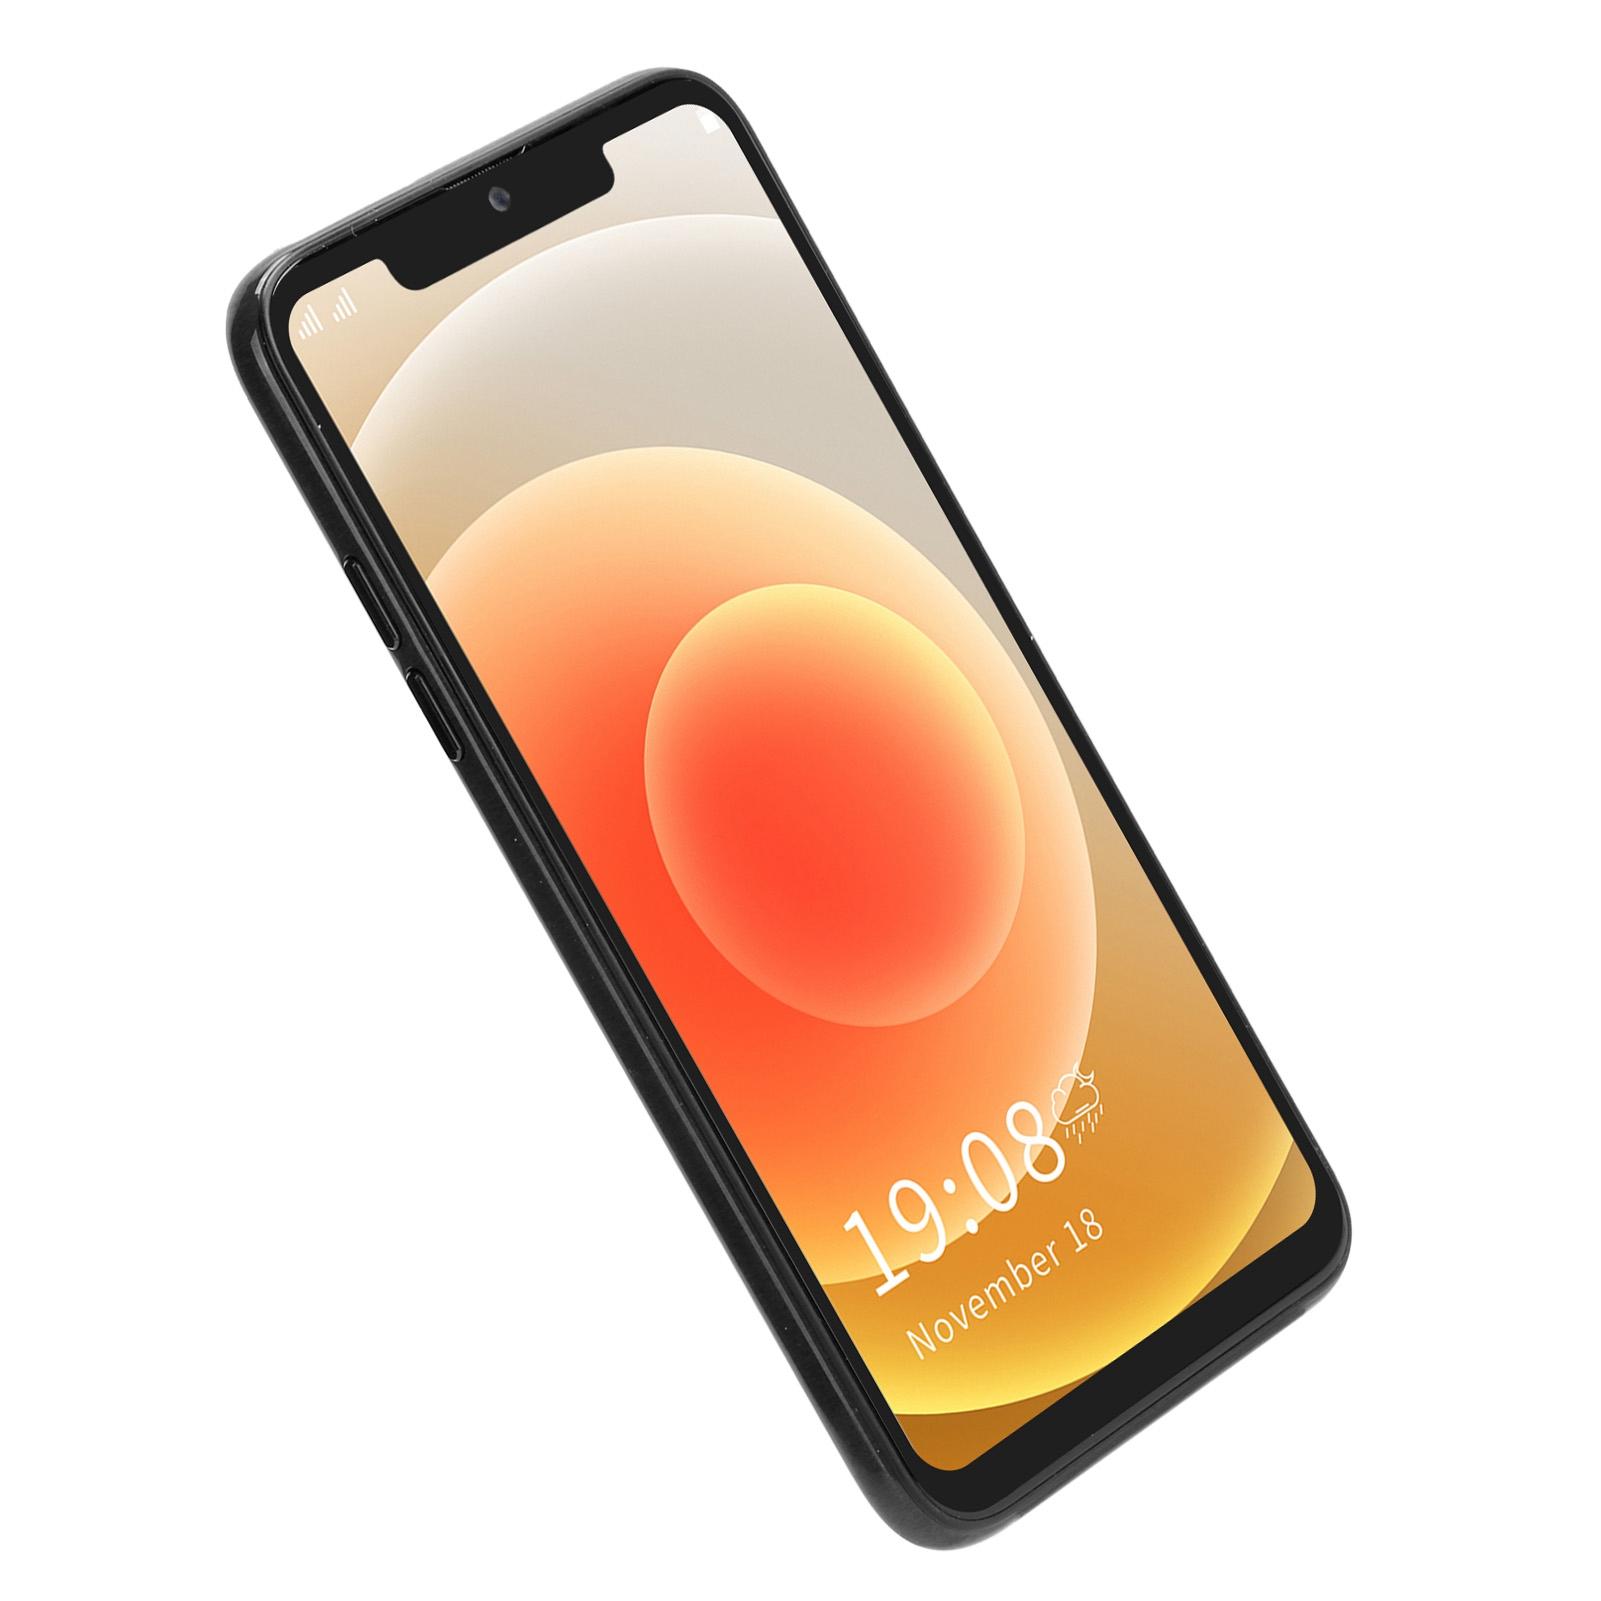 """miniature 14 - 6.5"""" Smartphone 1 Go 16 Go Mobile Phone Dual SIM avant arrière double caméra Android"""